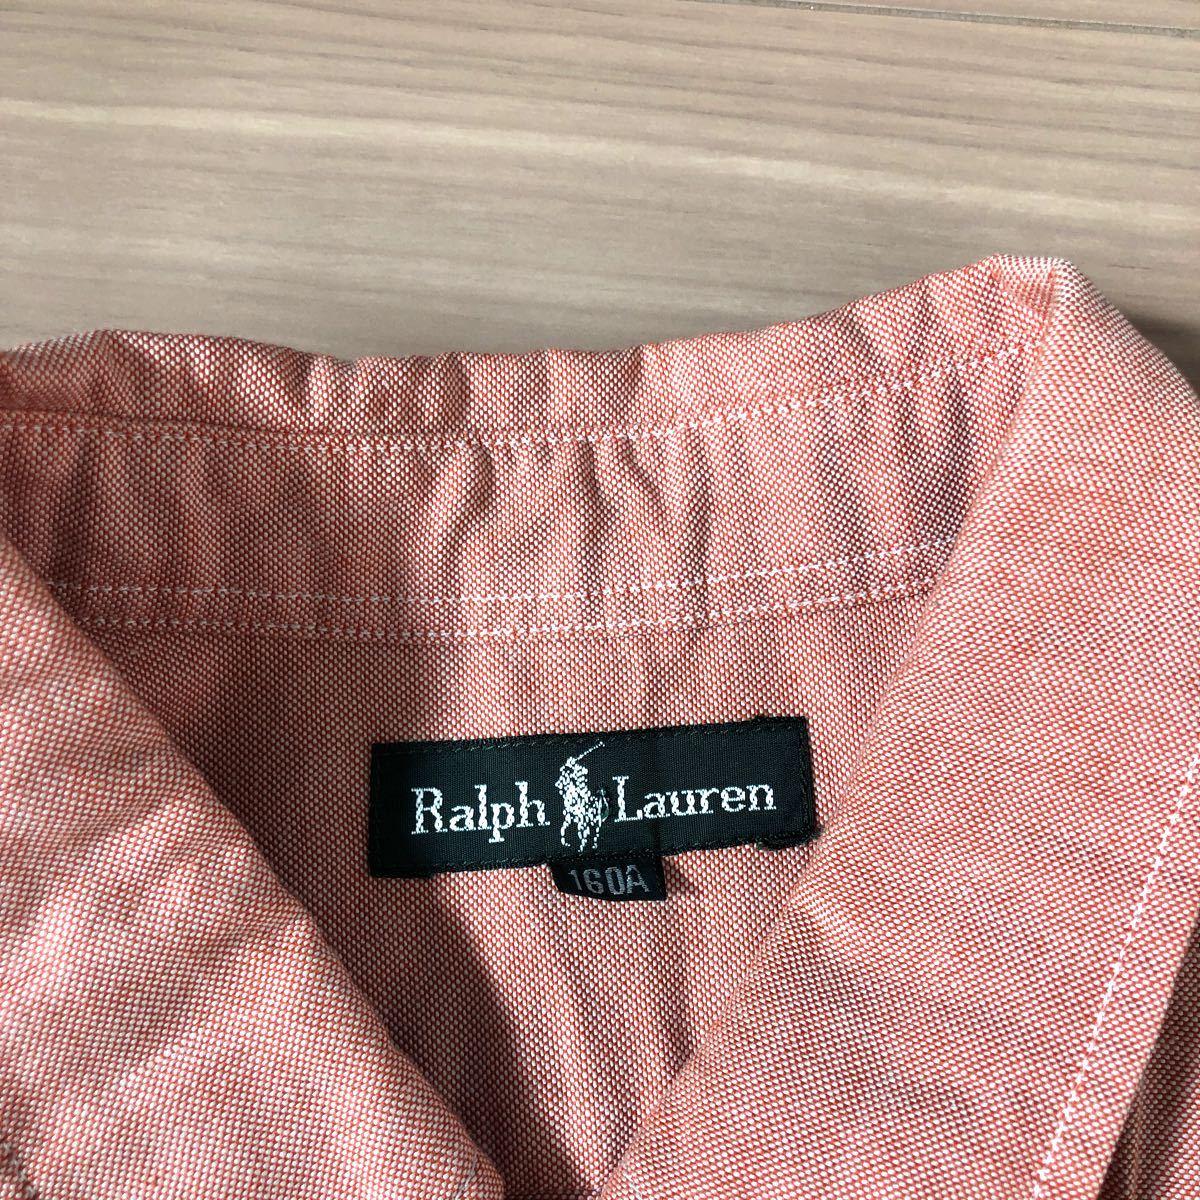 ラルフローレン シャツ 160 長袖 ボタンダウン